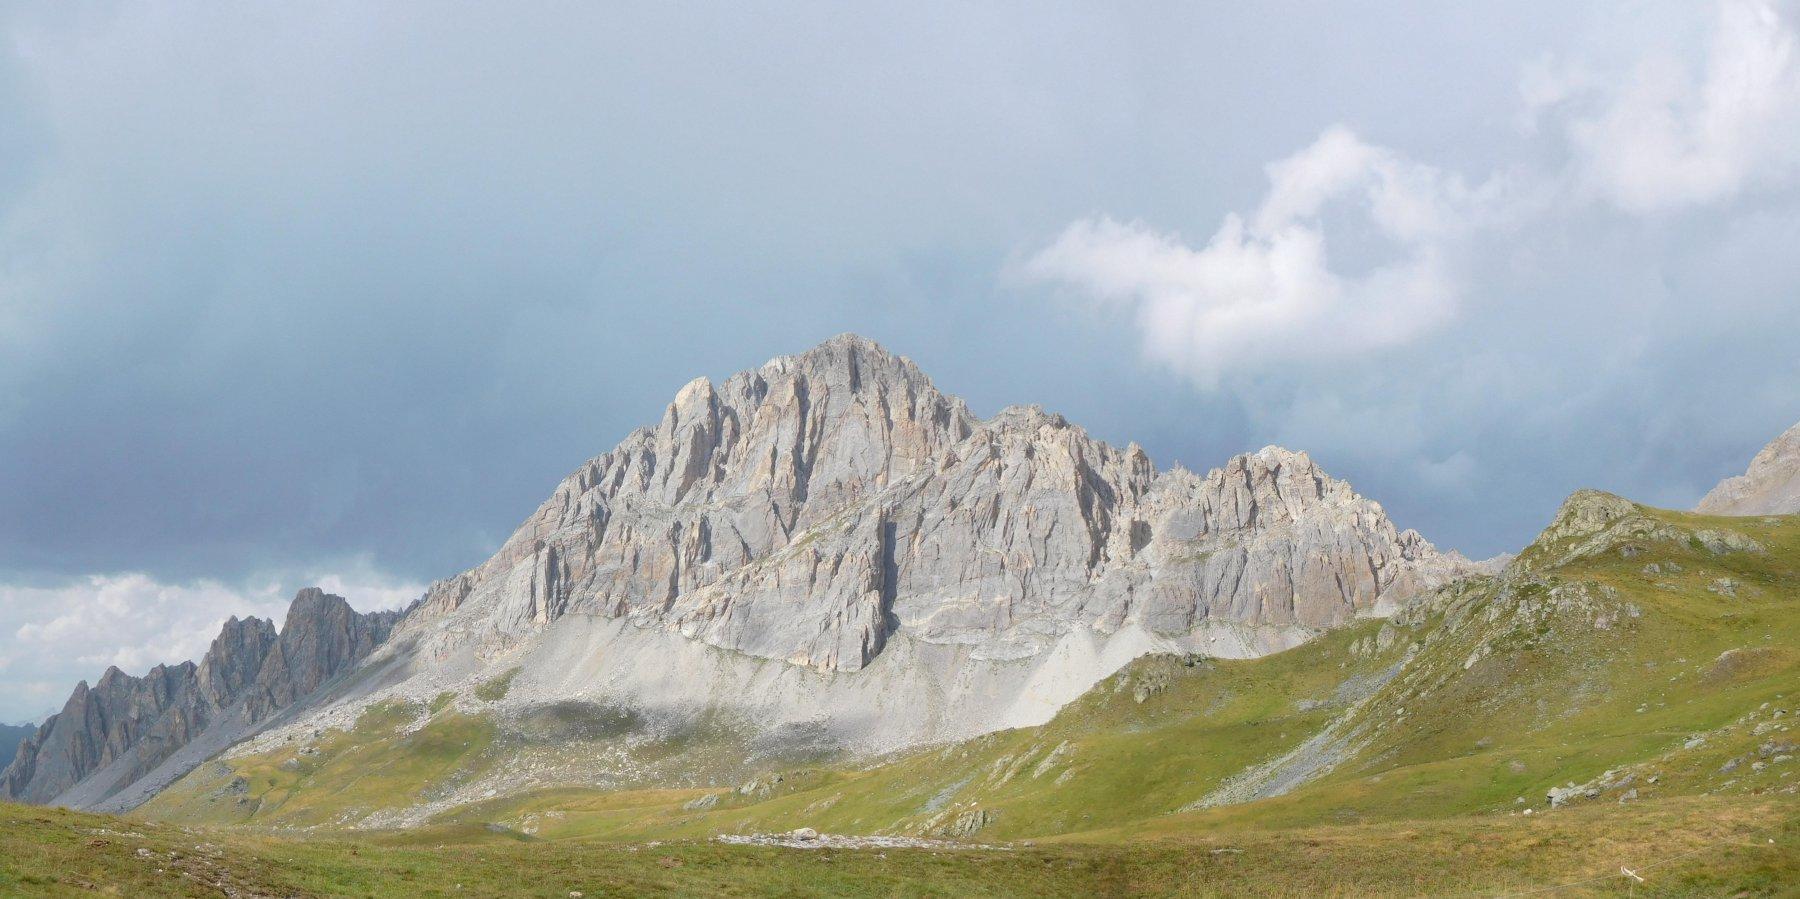 Rocca La Meja - Ecco il meraviglioso ambiente in cui si svolge l'arrampicata